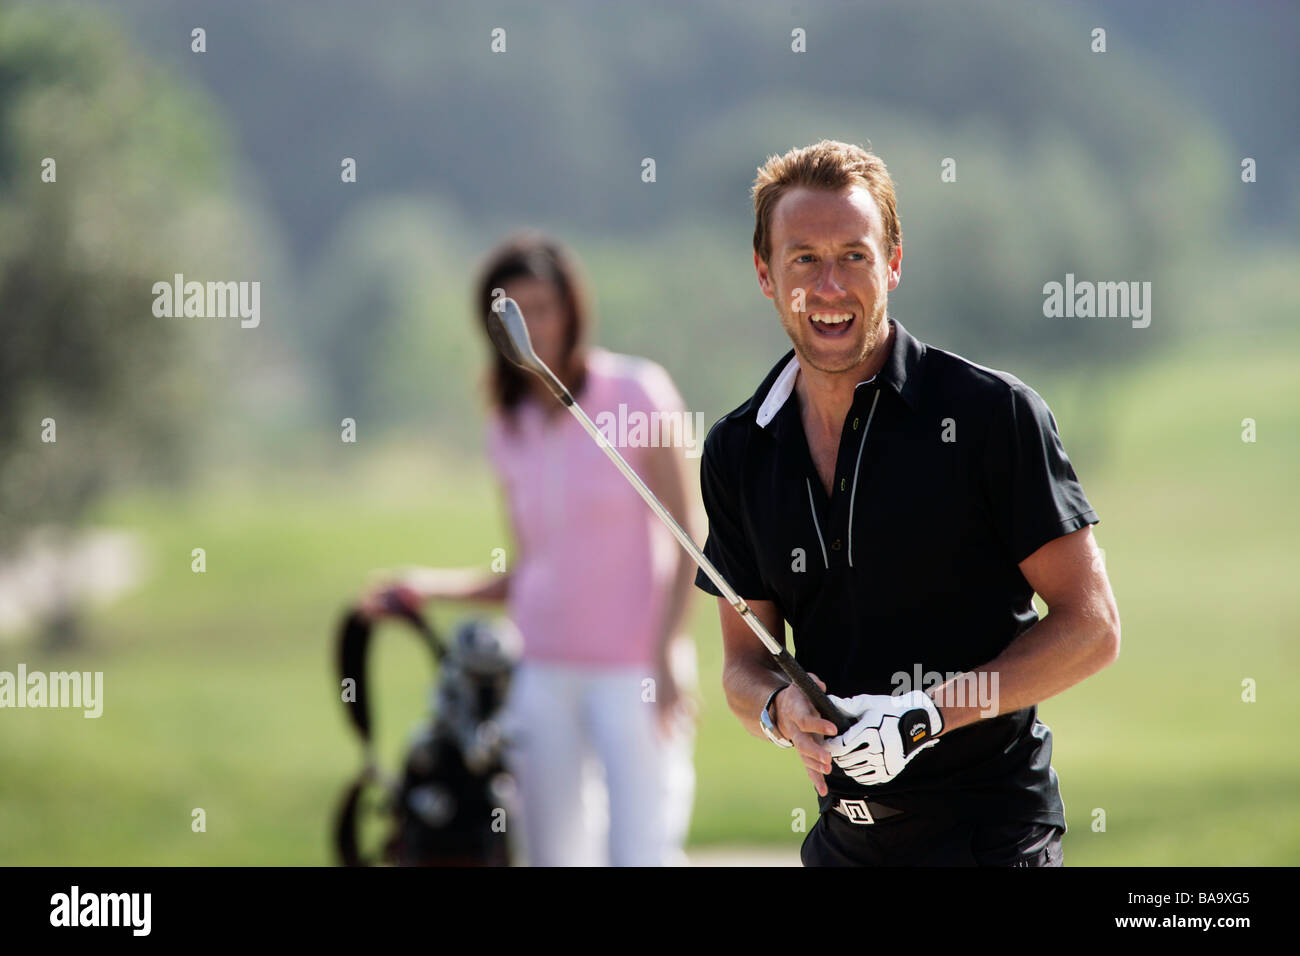 eine skandinavische mann spielt golf italien stockfoto. Black Bedroom Furniture Sets. Home Design Ideas